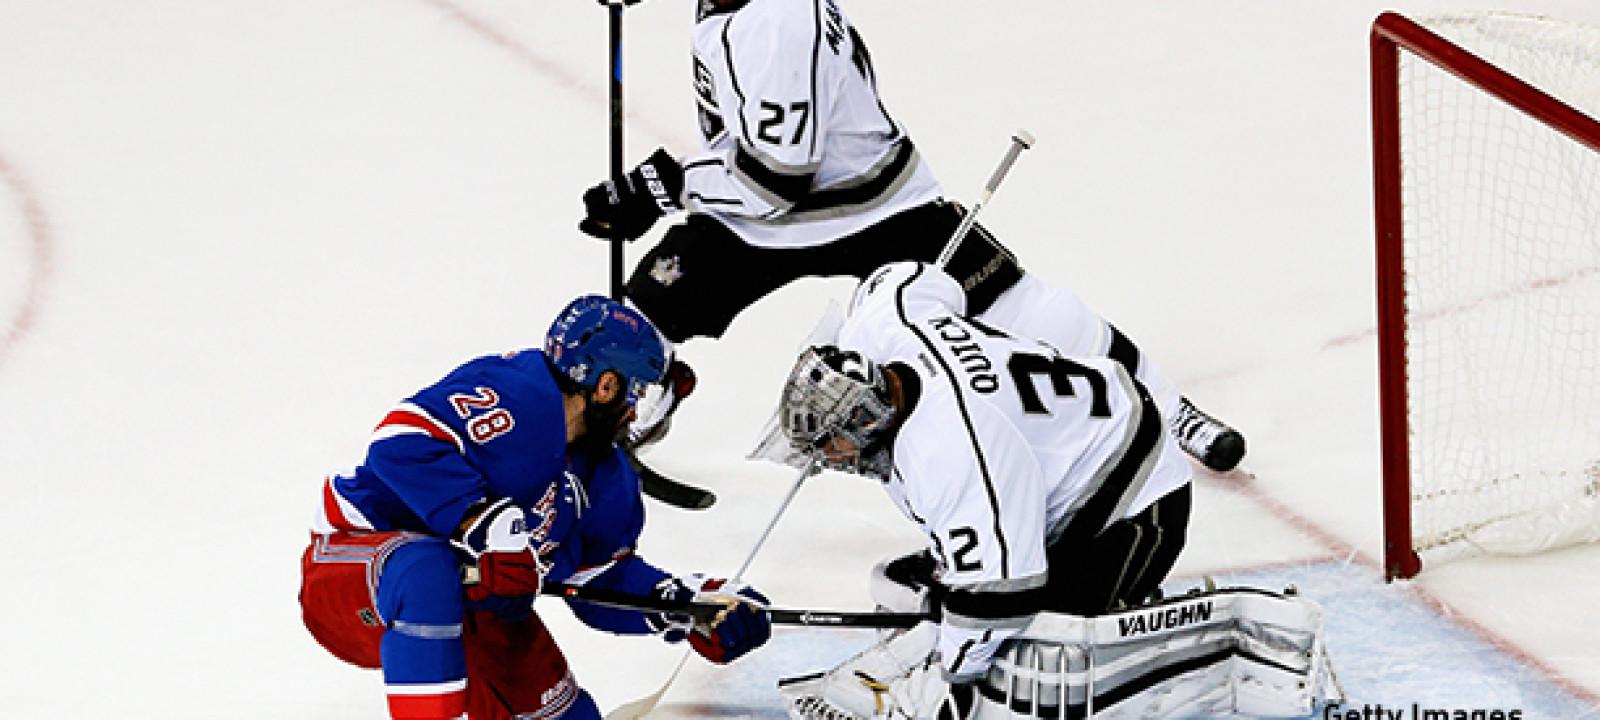 612x344_icehockey